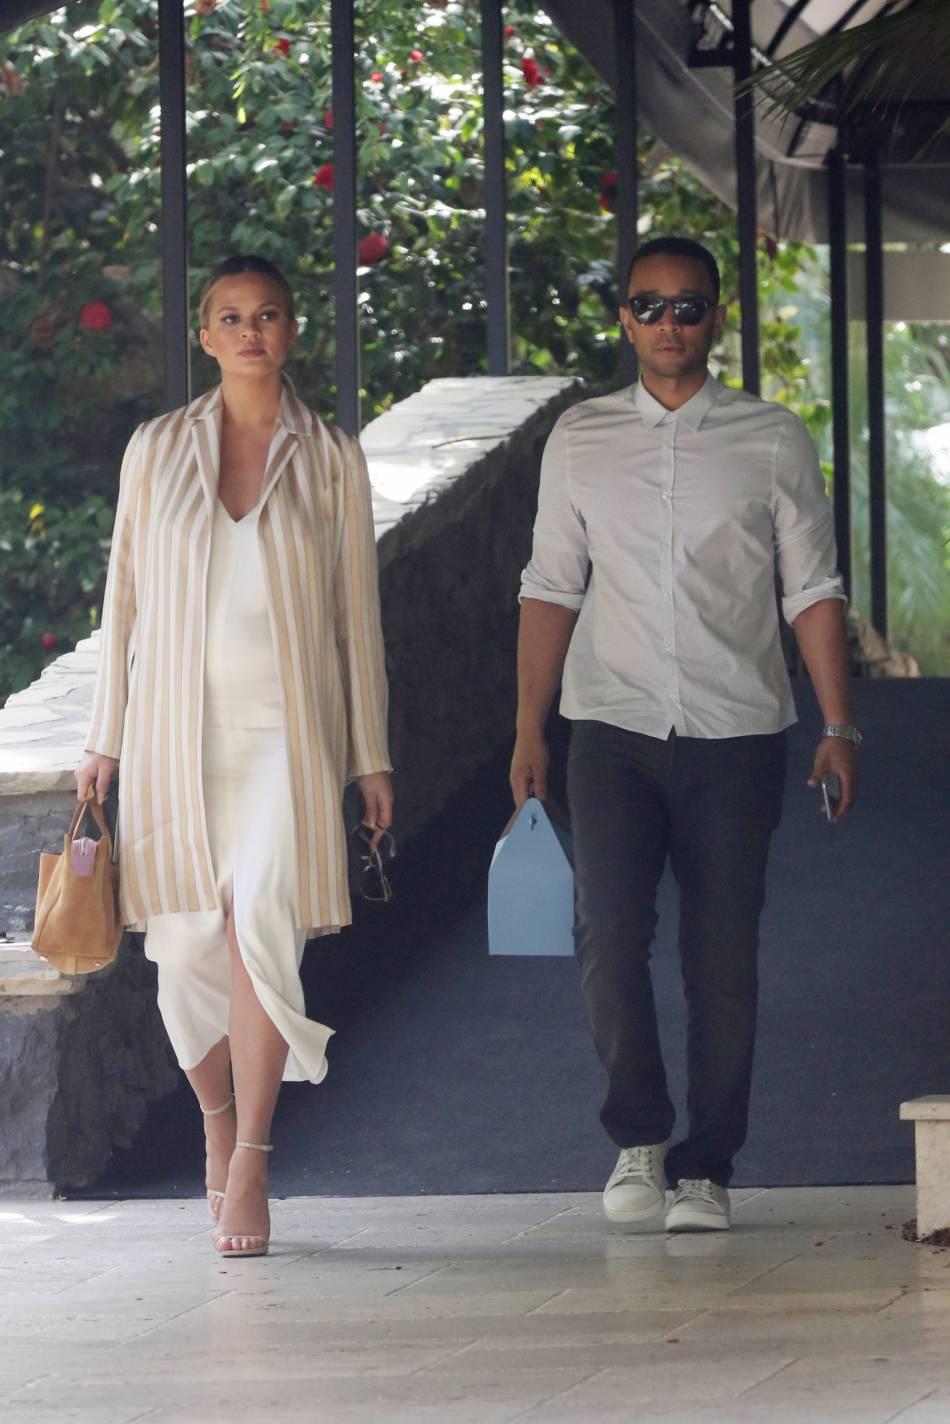 Chrissy Teigen accompagnée de son chéri John Legend pour un déjeuner en amoureux.